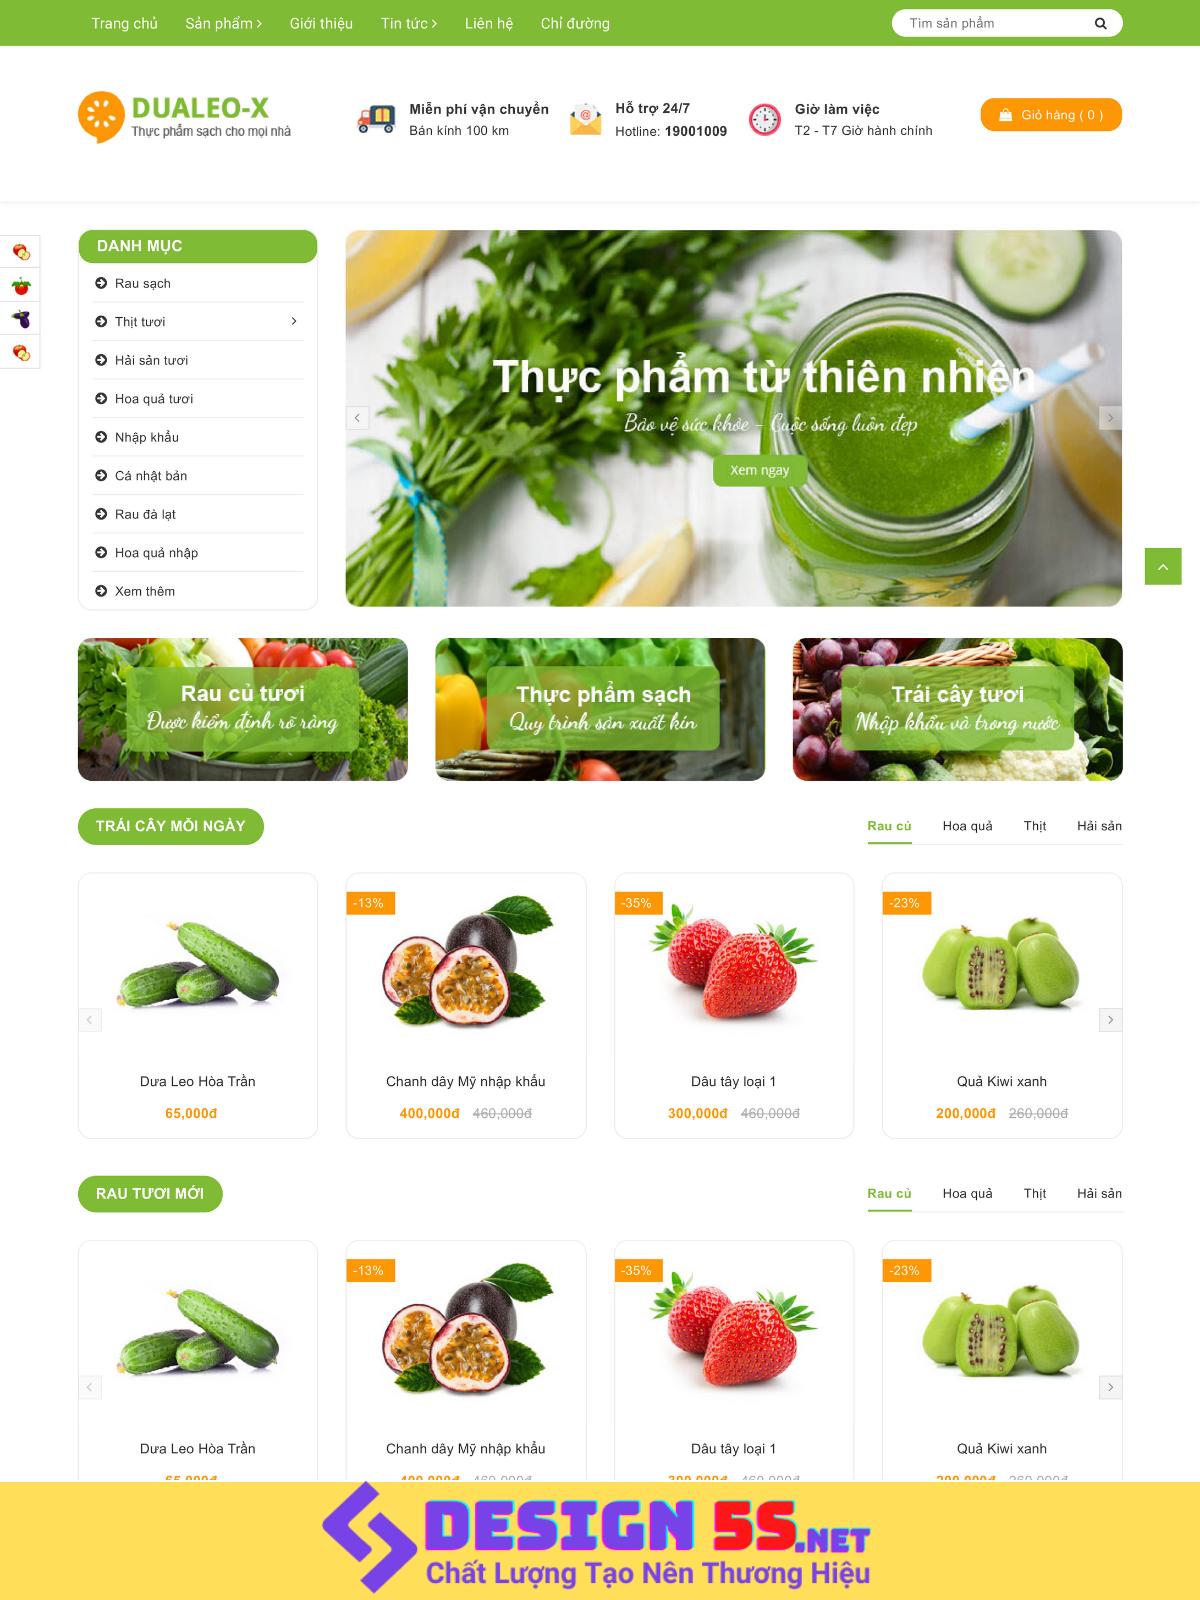 Theme blogspot bán hàng trái cây rau quả tươi mát, VSM20